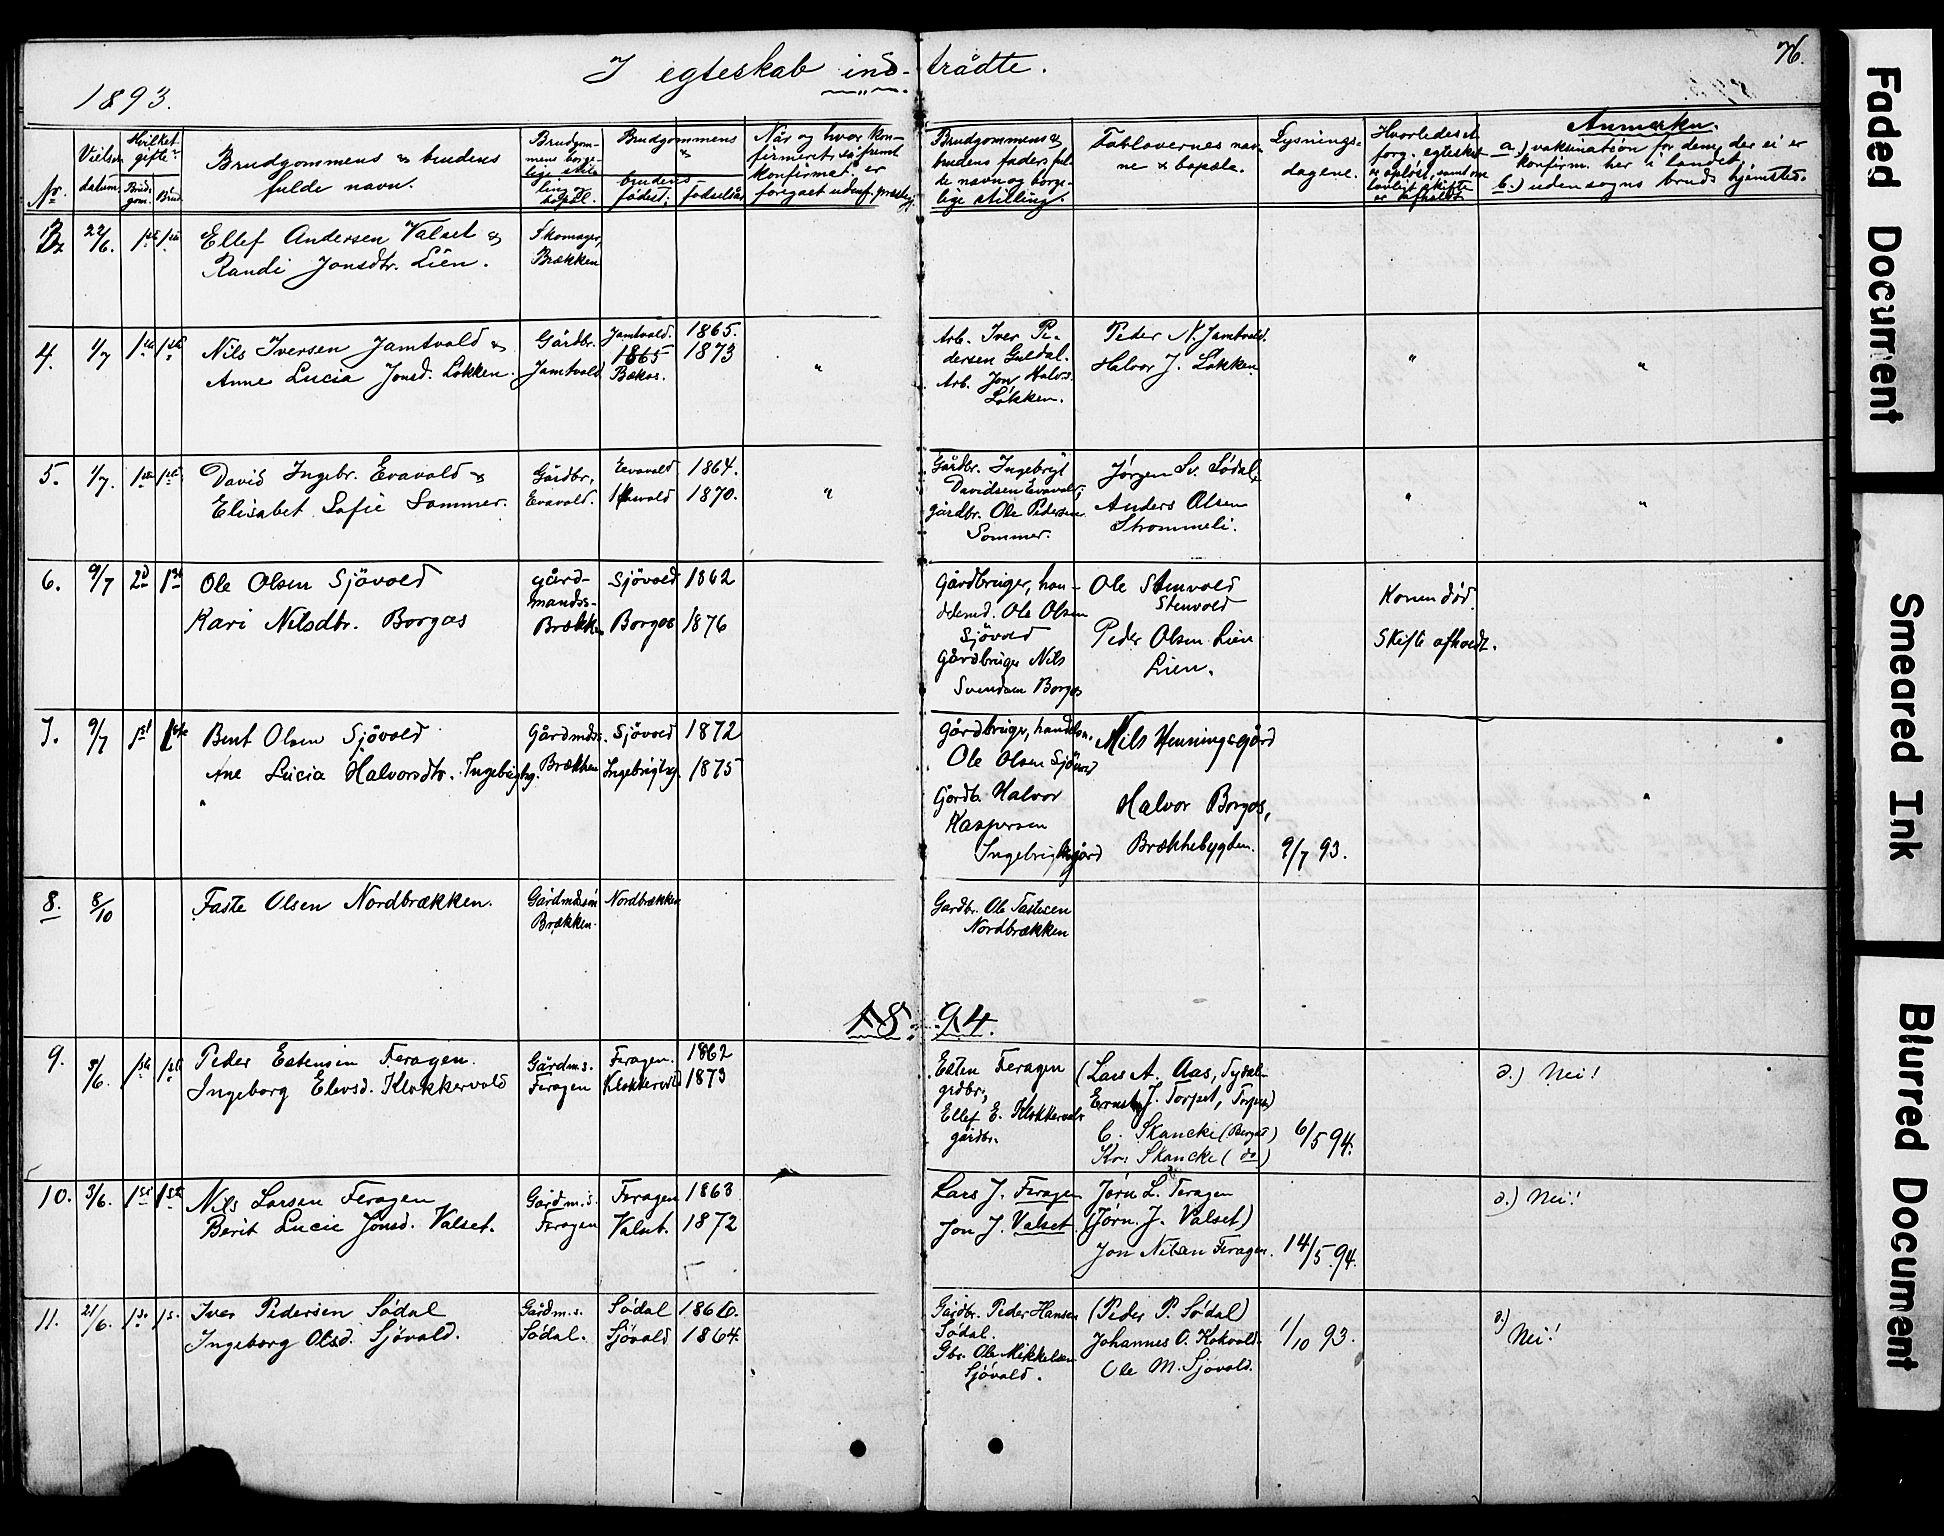 SAT, Ministerialprotokoller, klokkerbøker og fødselsregistre - Sør-Trøndelag, 683/L0949: Klokkerbok nr. 683C01, 1880-1896, s. 76